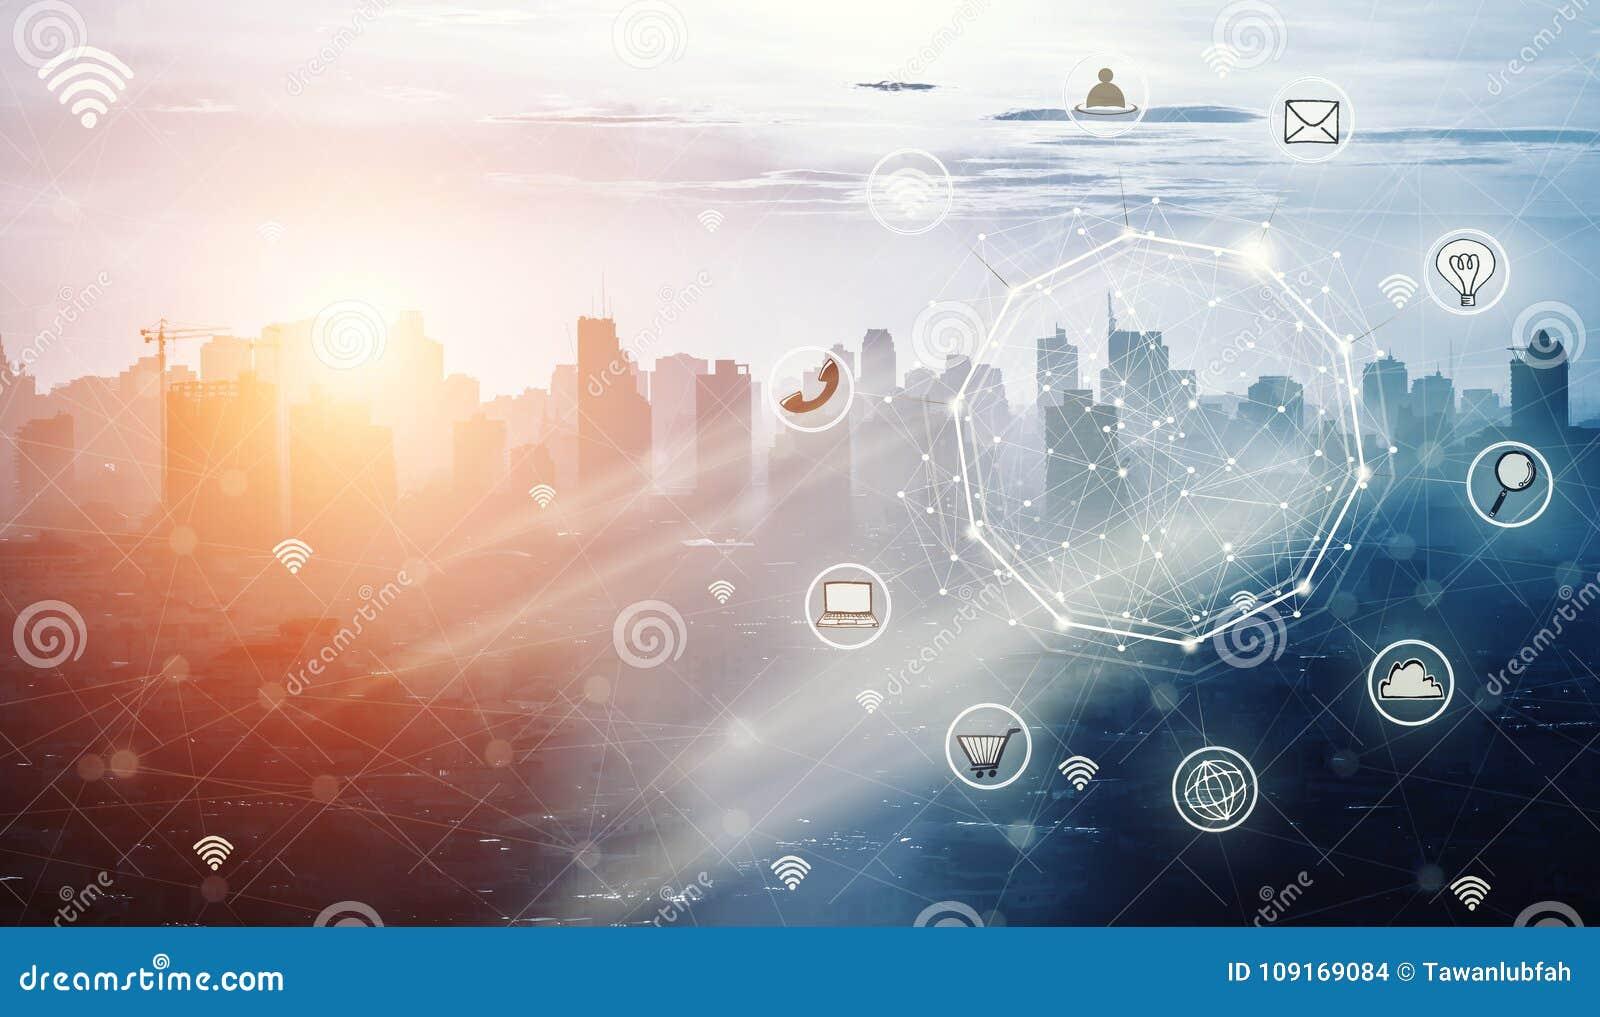 Slimme stad en draadloos communicatienetwerk, abstract beeld vi